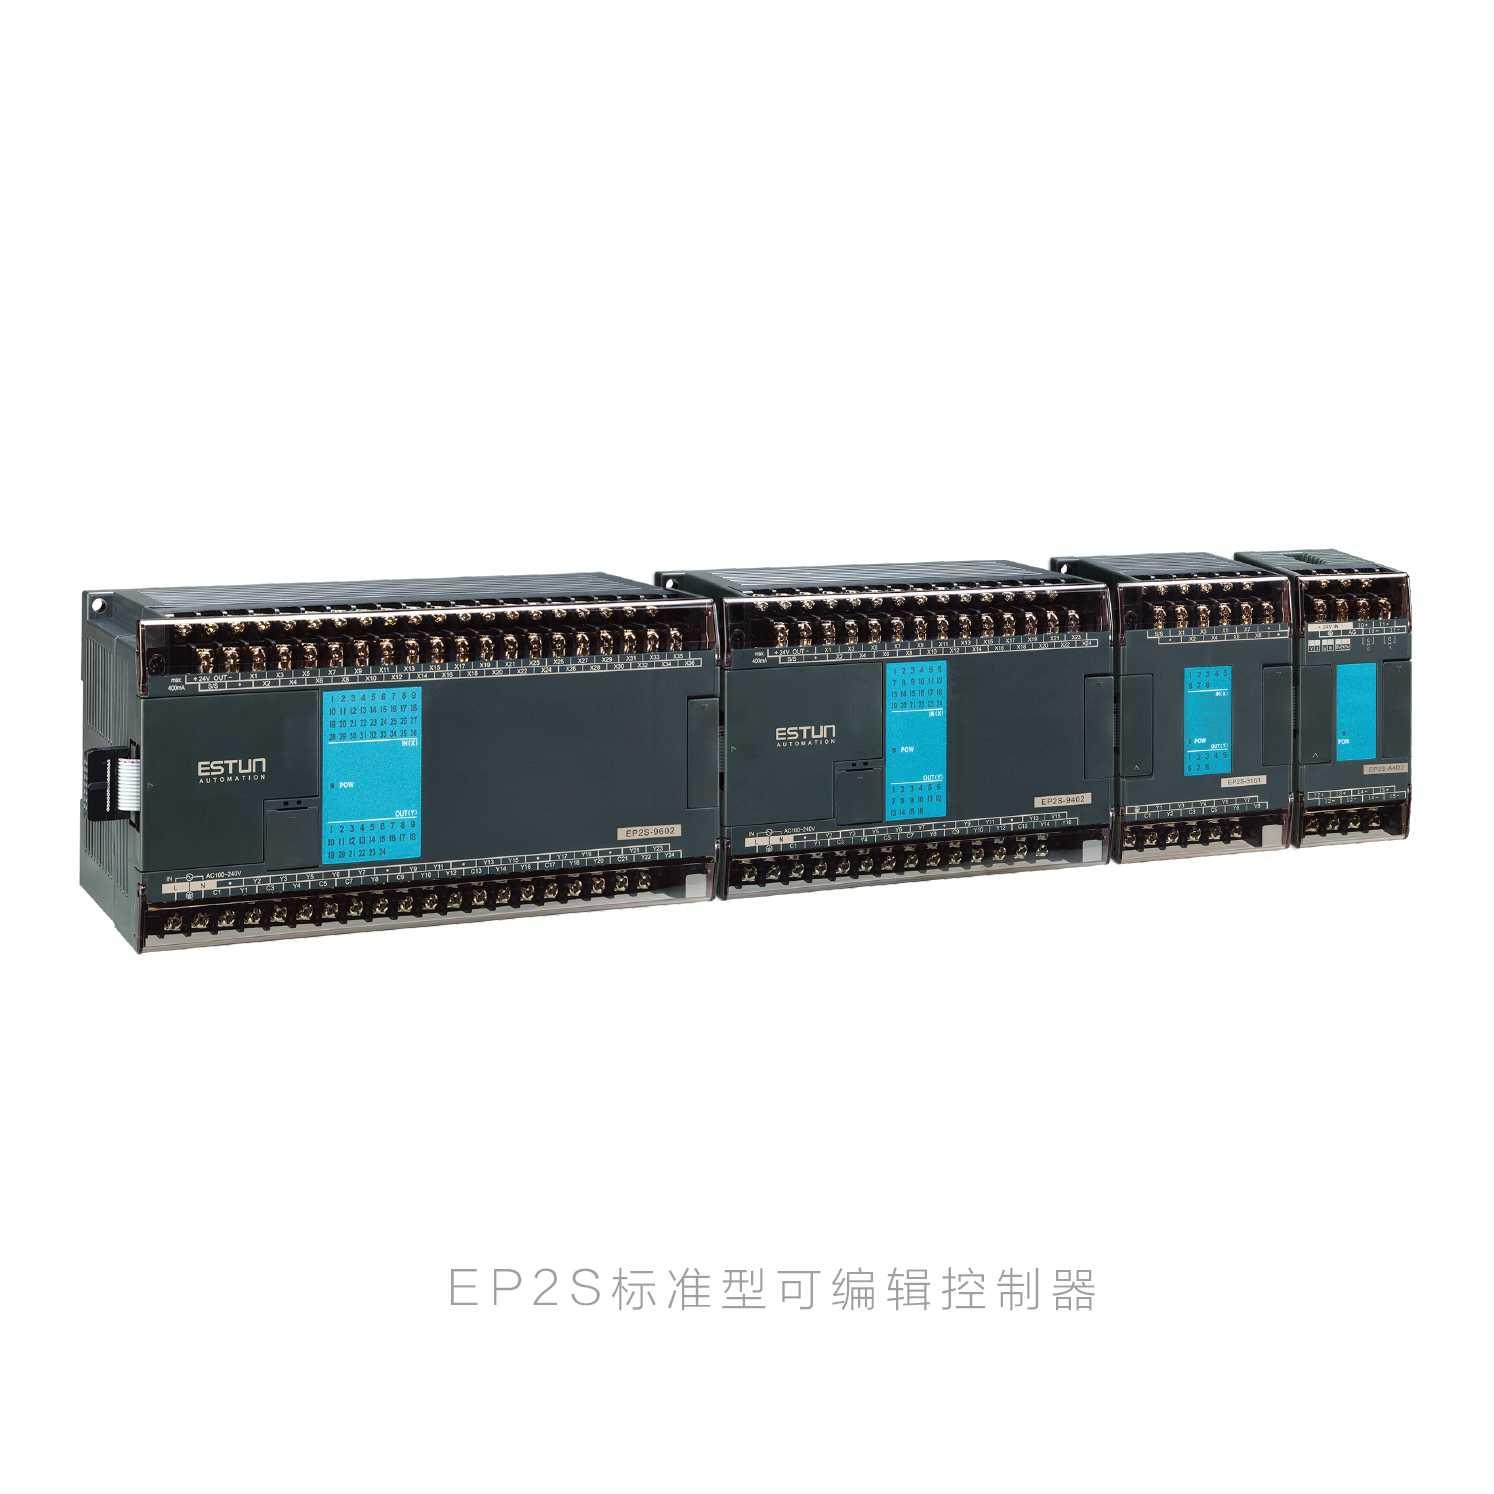 埃斯顿/ESTUNEP2S-9606